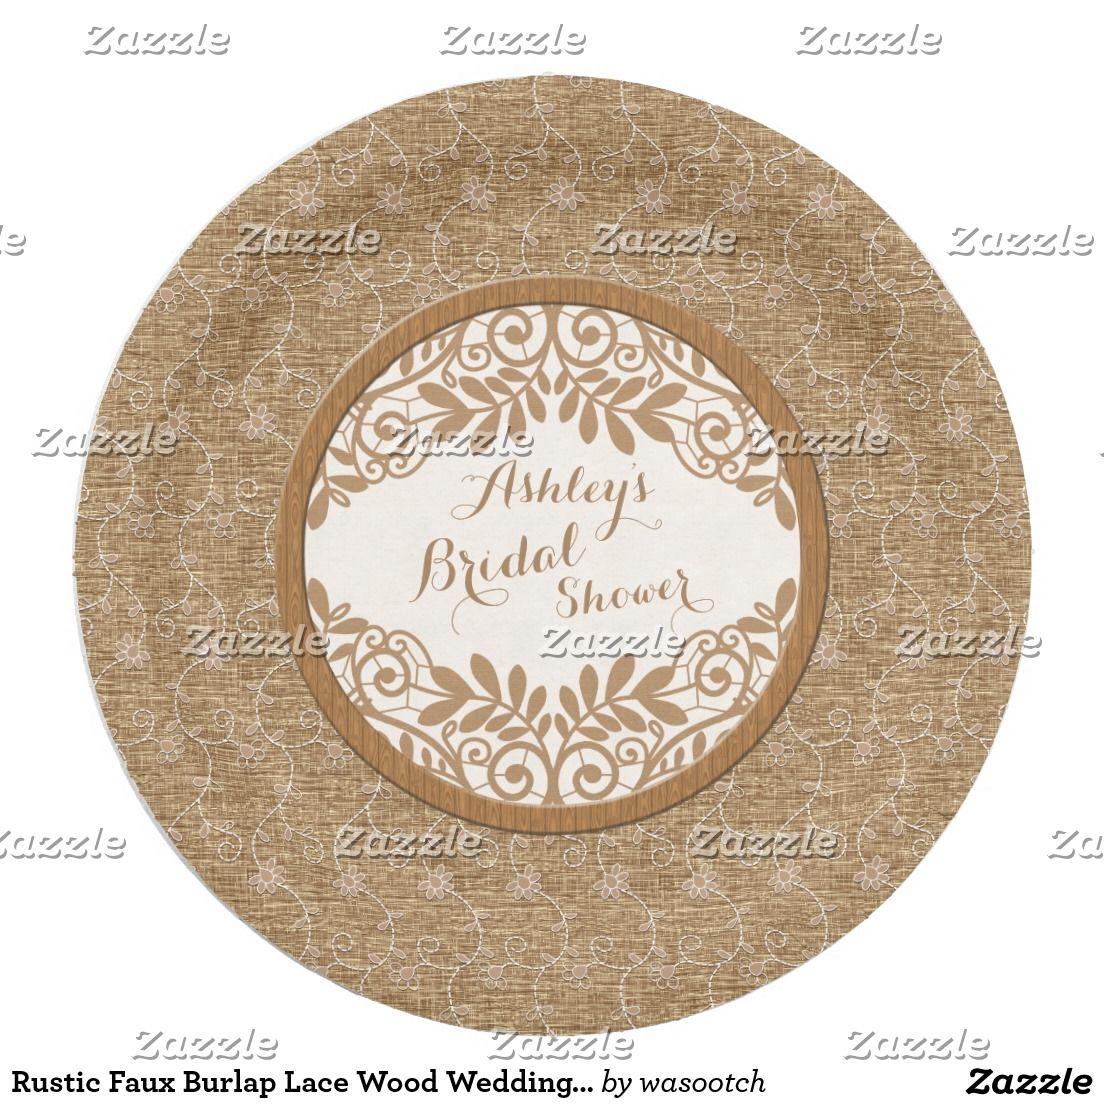 Rustic Faux Burlap Lace Wood Wedding Bridal Shower